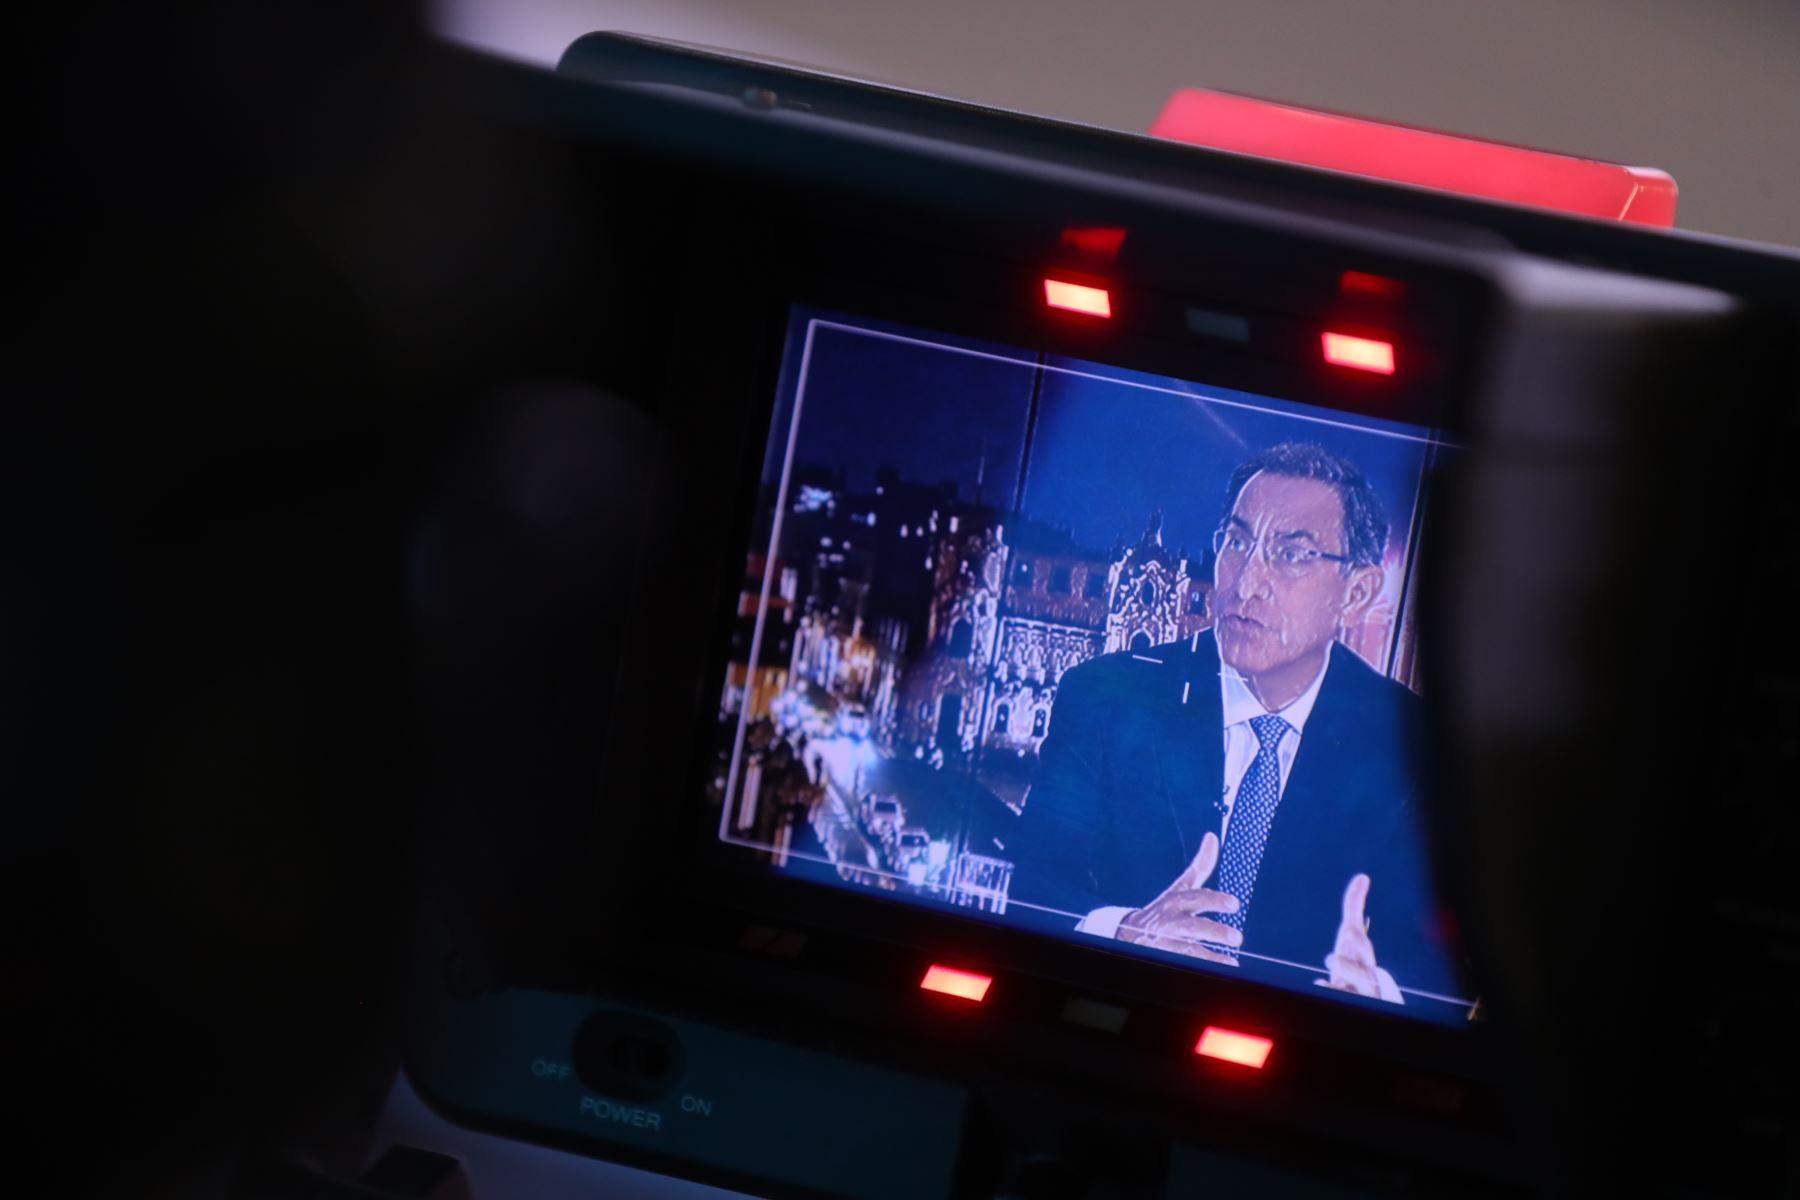 El presidente de la República, Martín Vizcarra, solicitó hoy al Ministerio Público y al Poder Judicial realizar una evaluación sobre la prisión preventiva, a fin de garantizar su correcto uso en las investigaciones.Foto: ANDINA/Prensa Presidencia